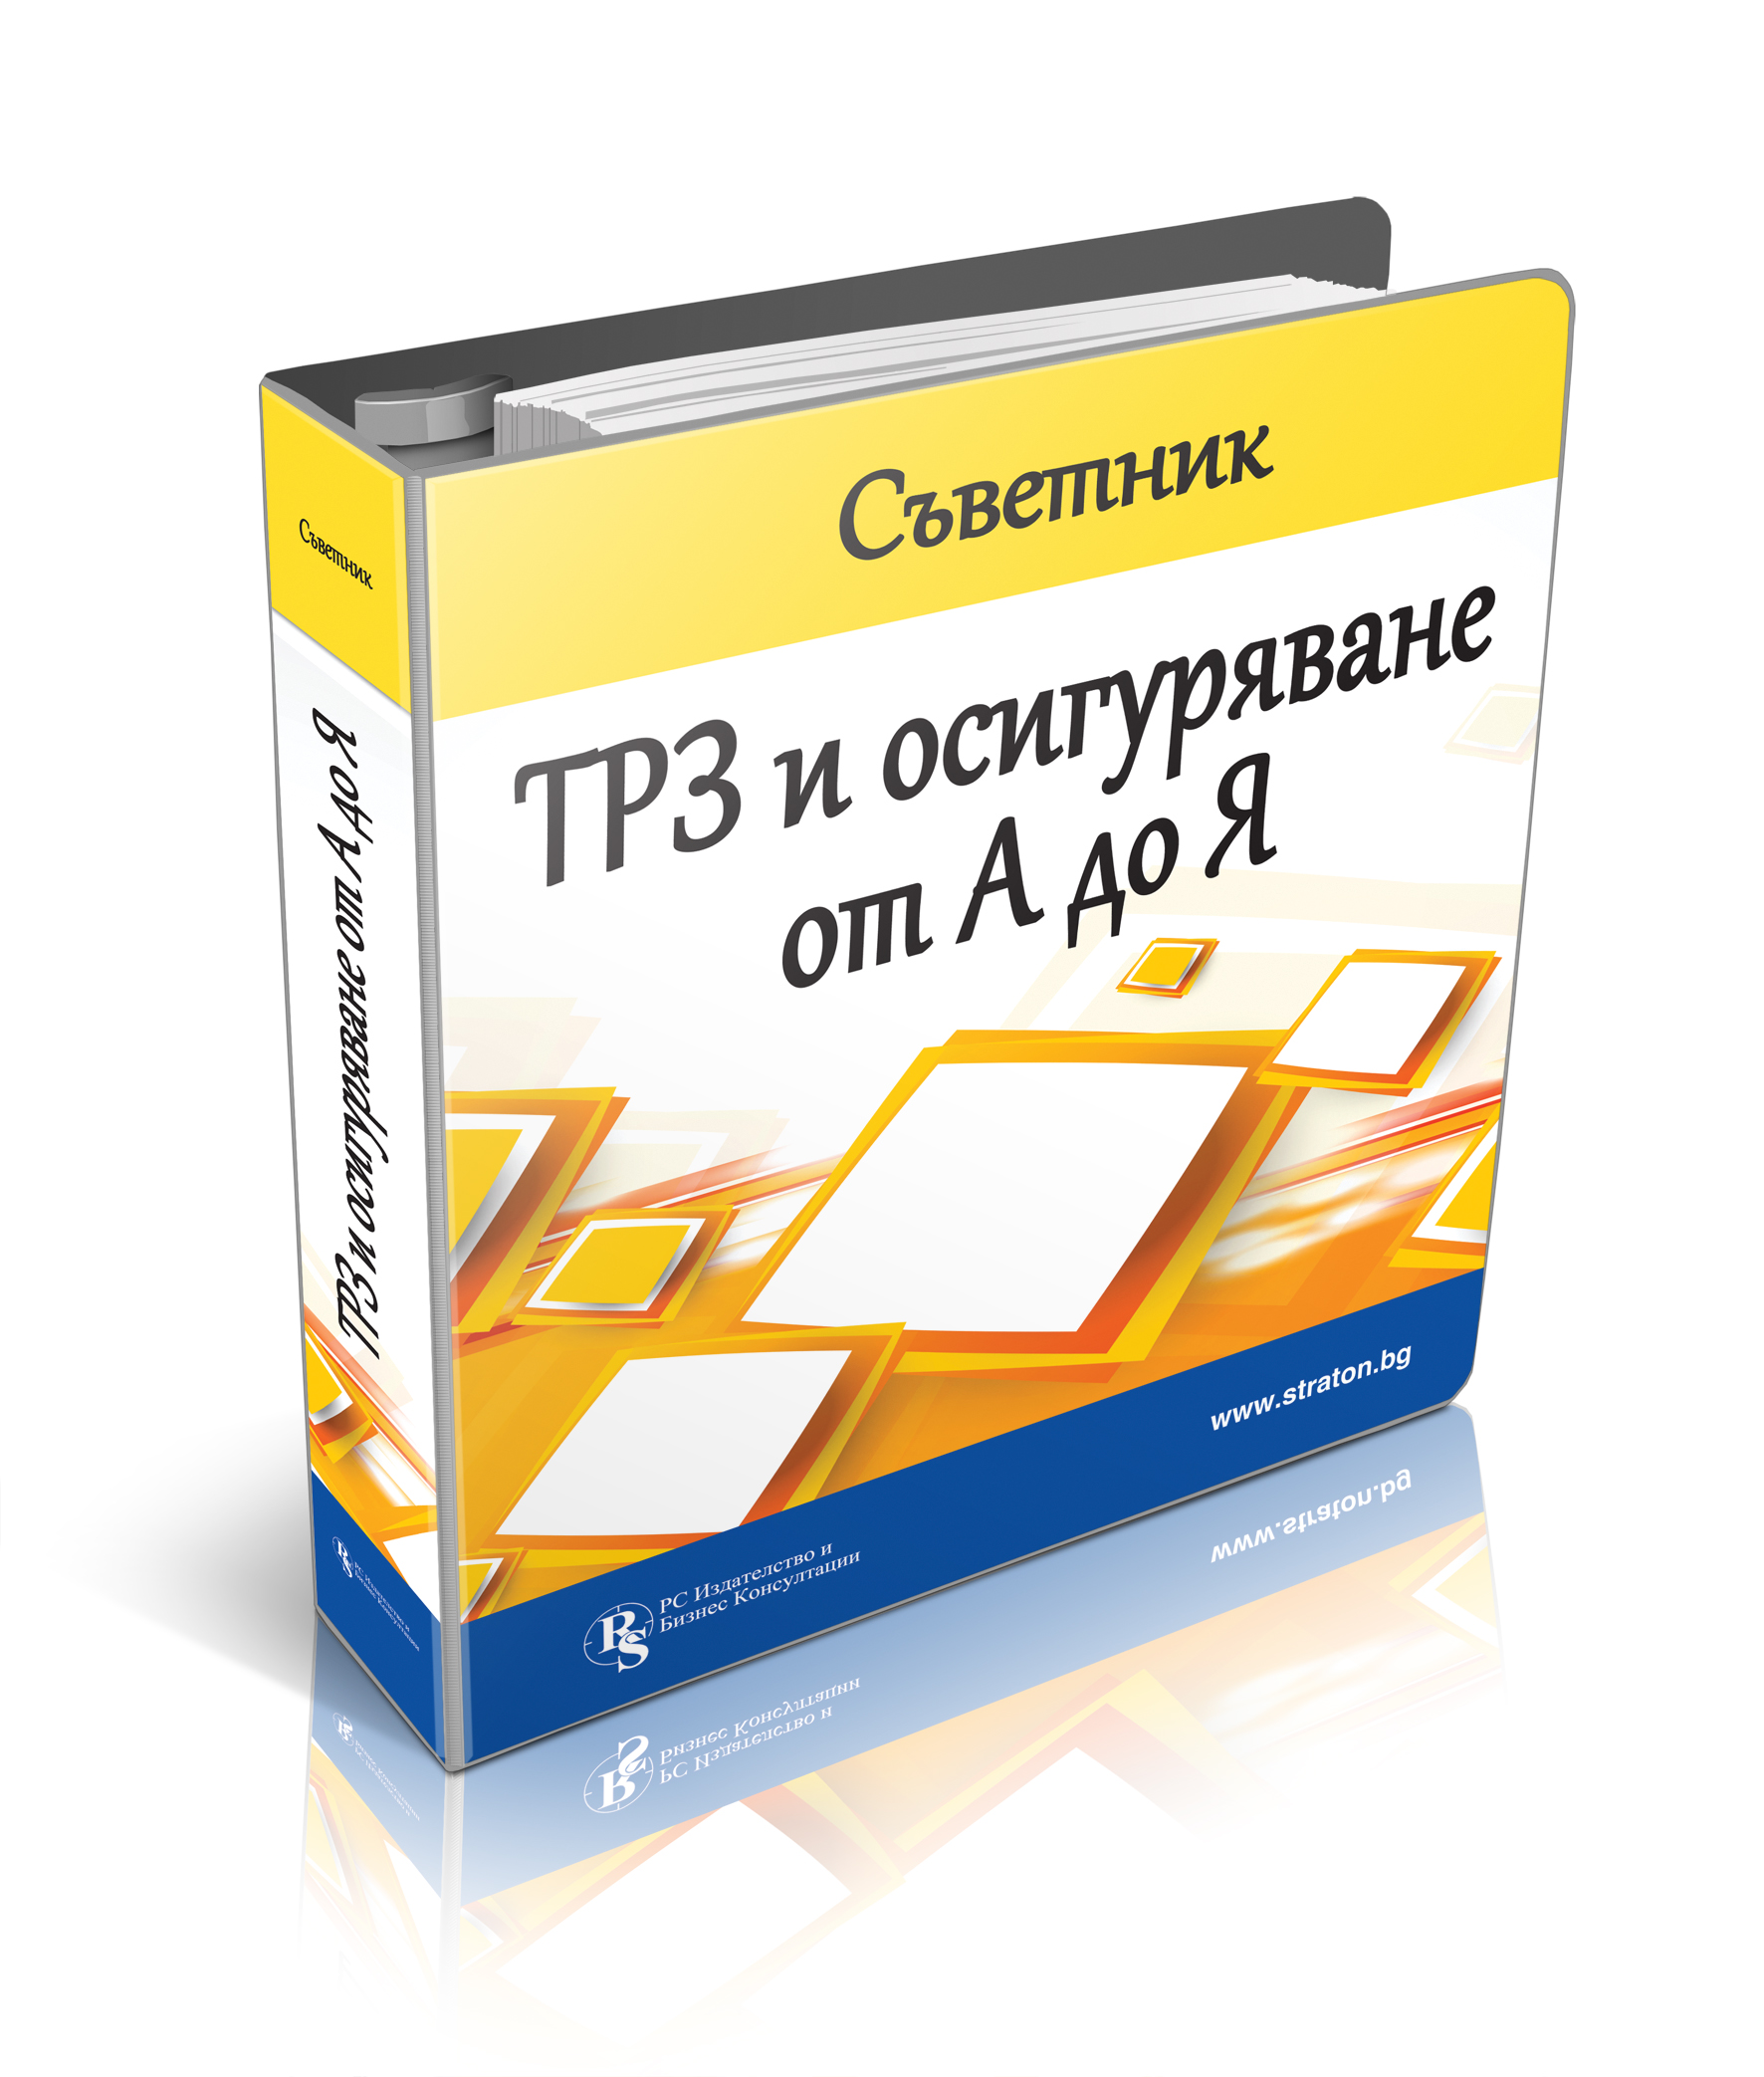 Съветник: ТРЗ и Осигуряване от А до Я - 6-месечен абонамент